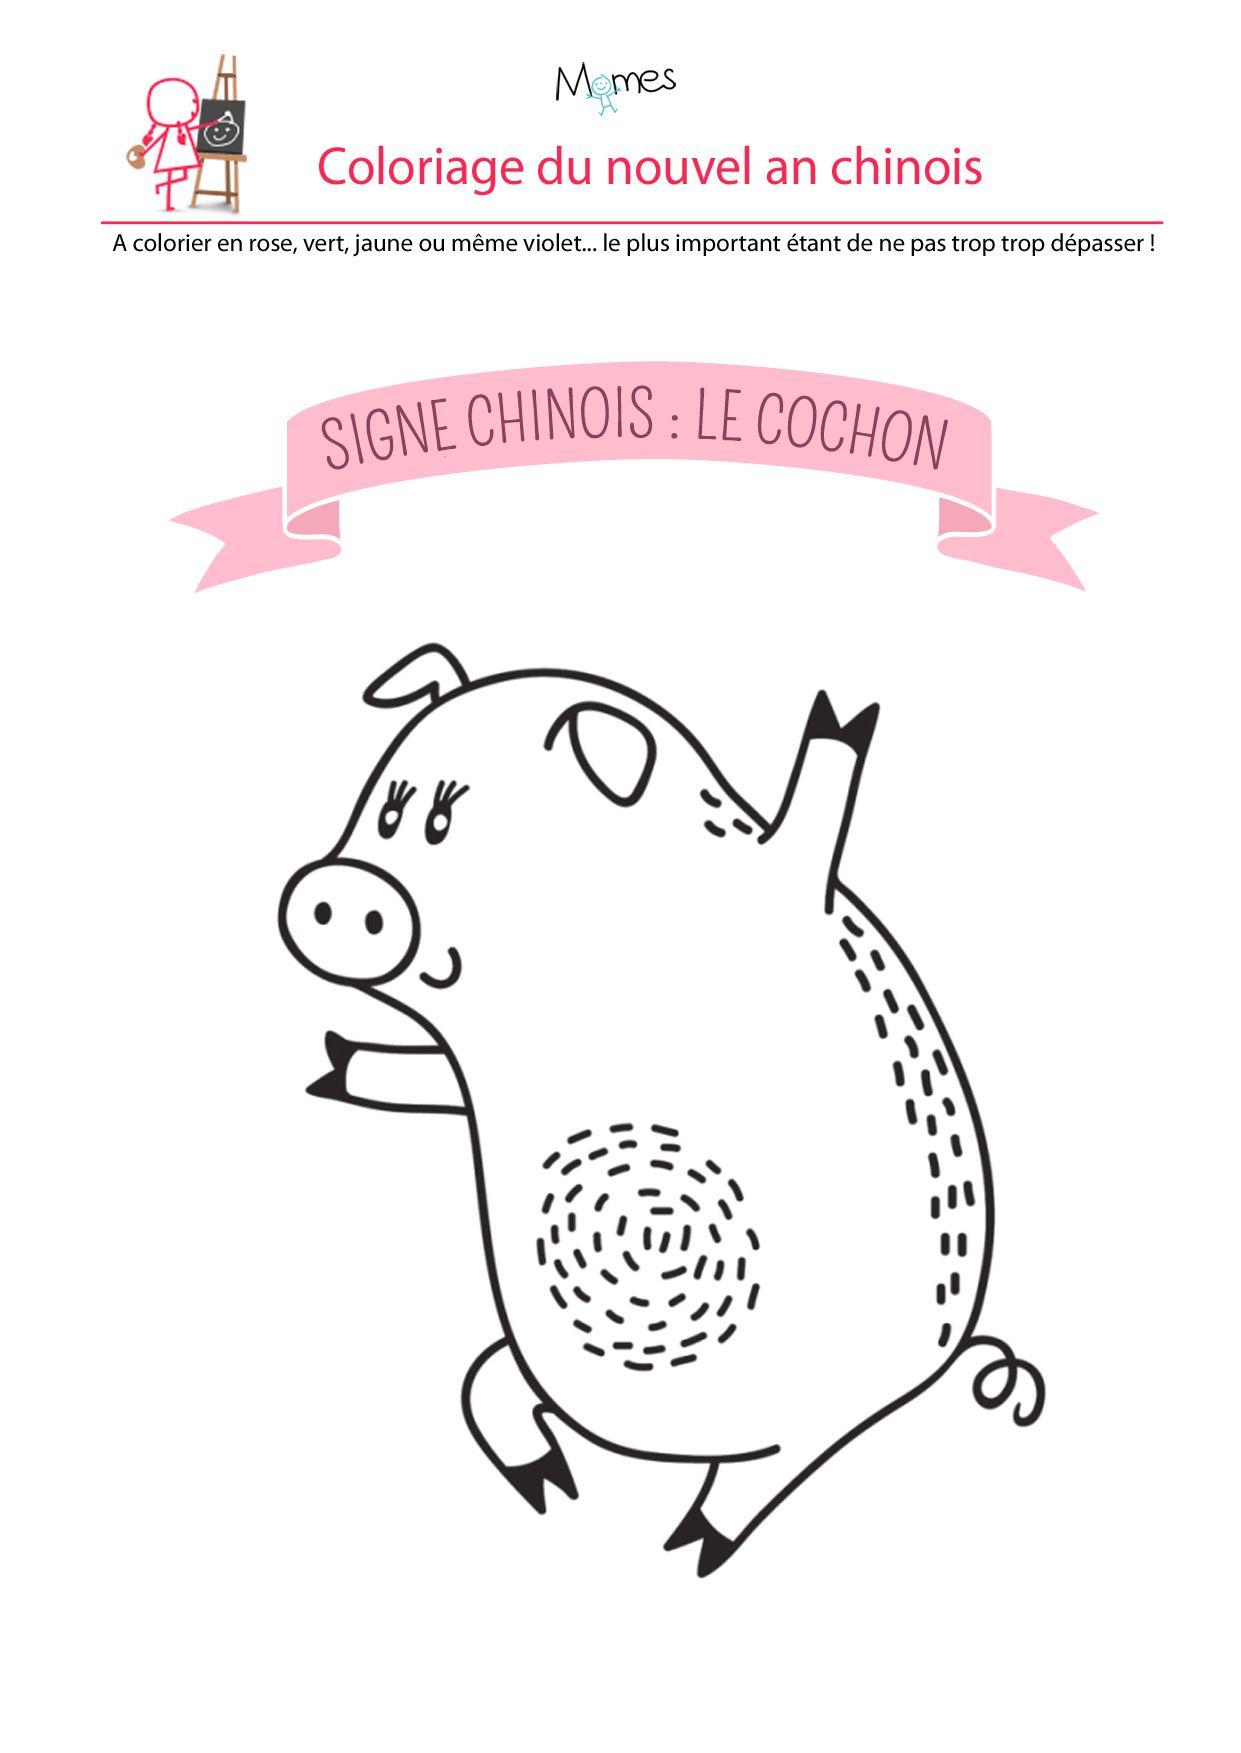 Coloriage du calendrier chinois le cochon